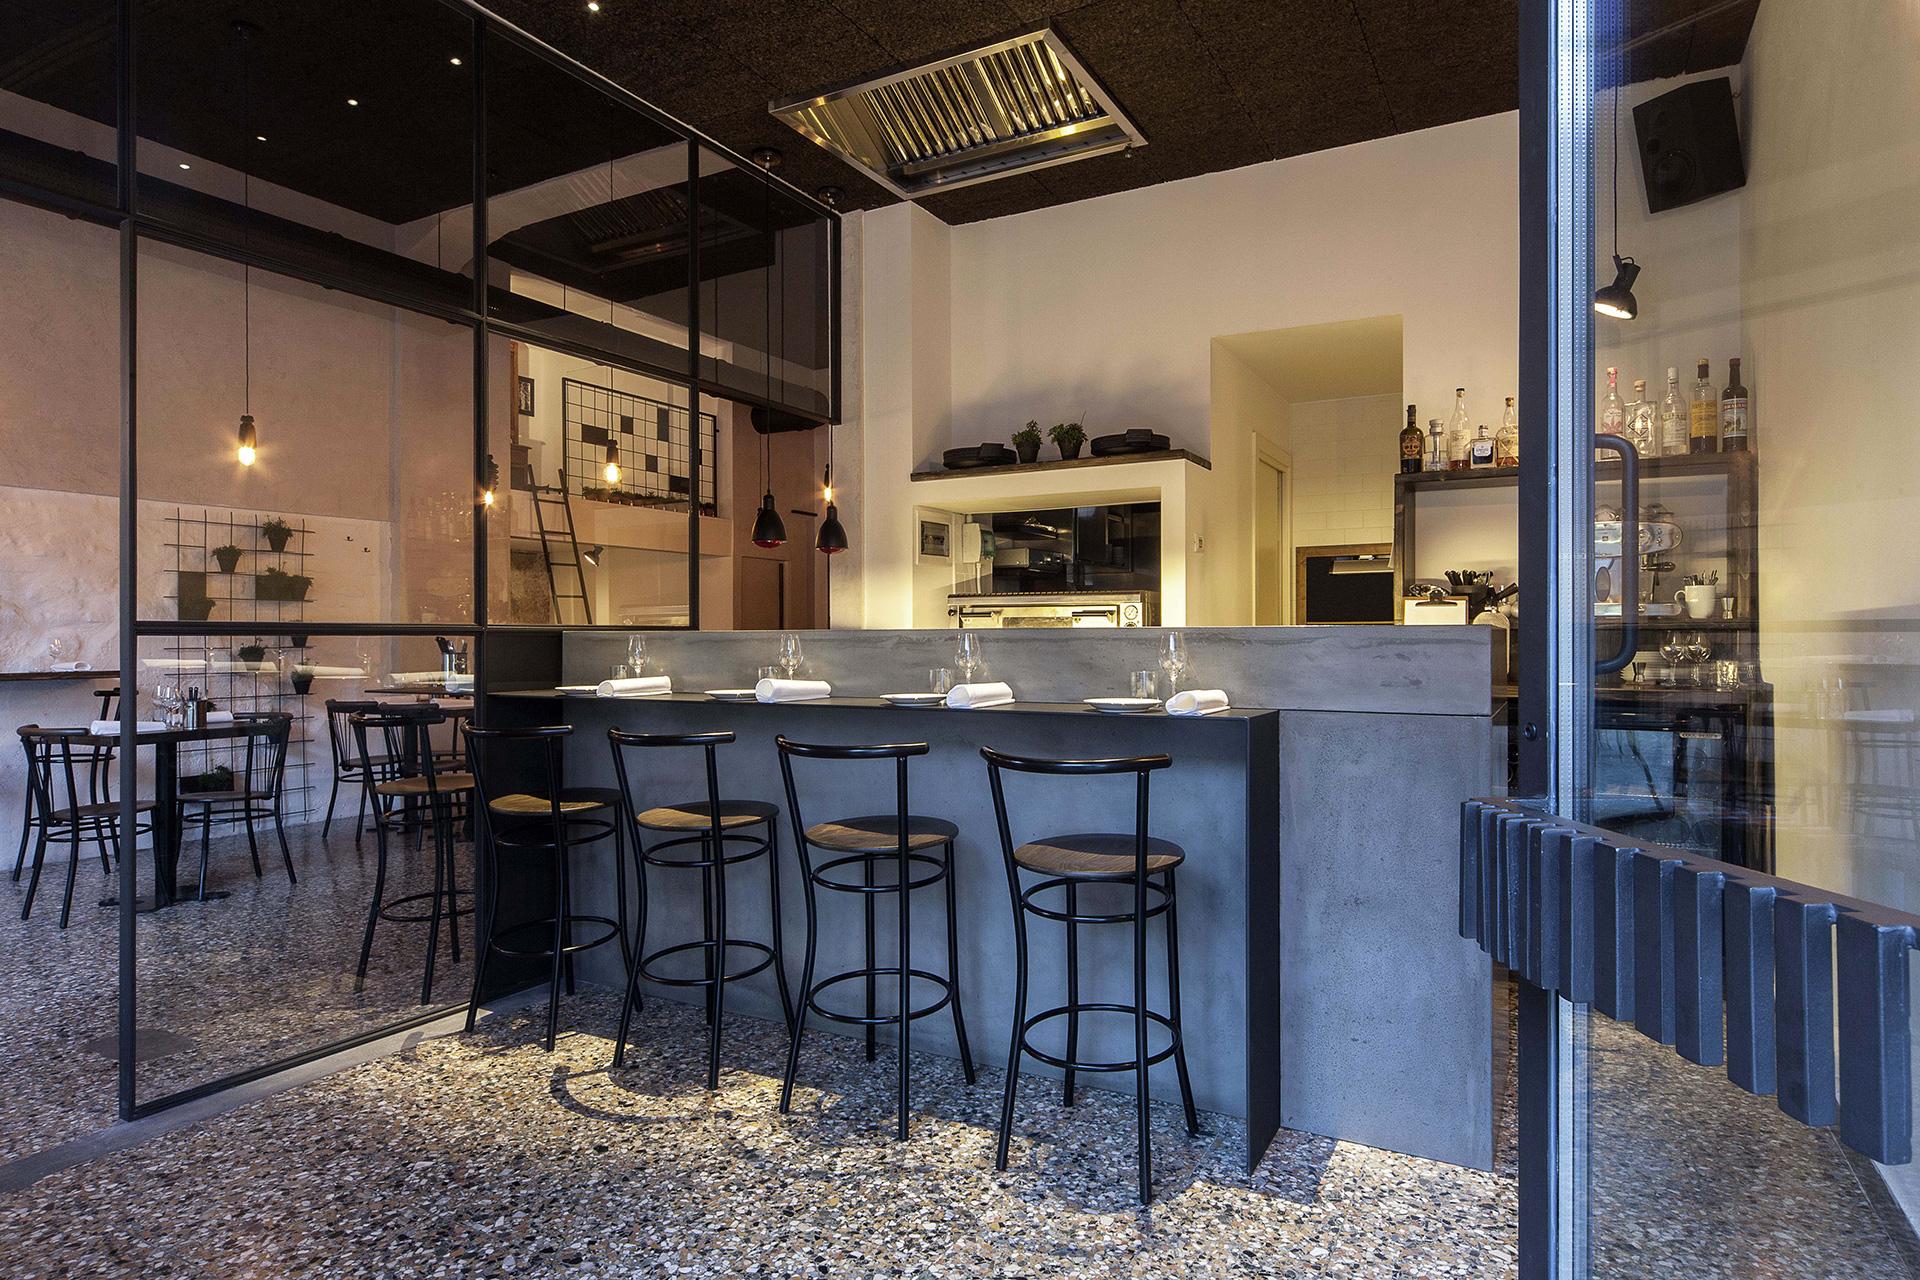 nana piccolo bistrò. il bancone in cemento realizzato dall'azienda Ciriachi di Senigallia su progetto dell'architetto Francesco Valentini.